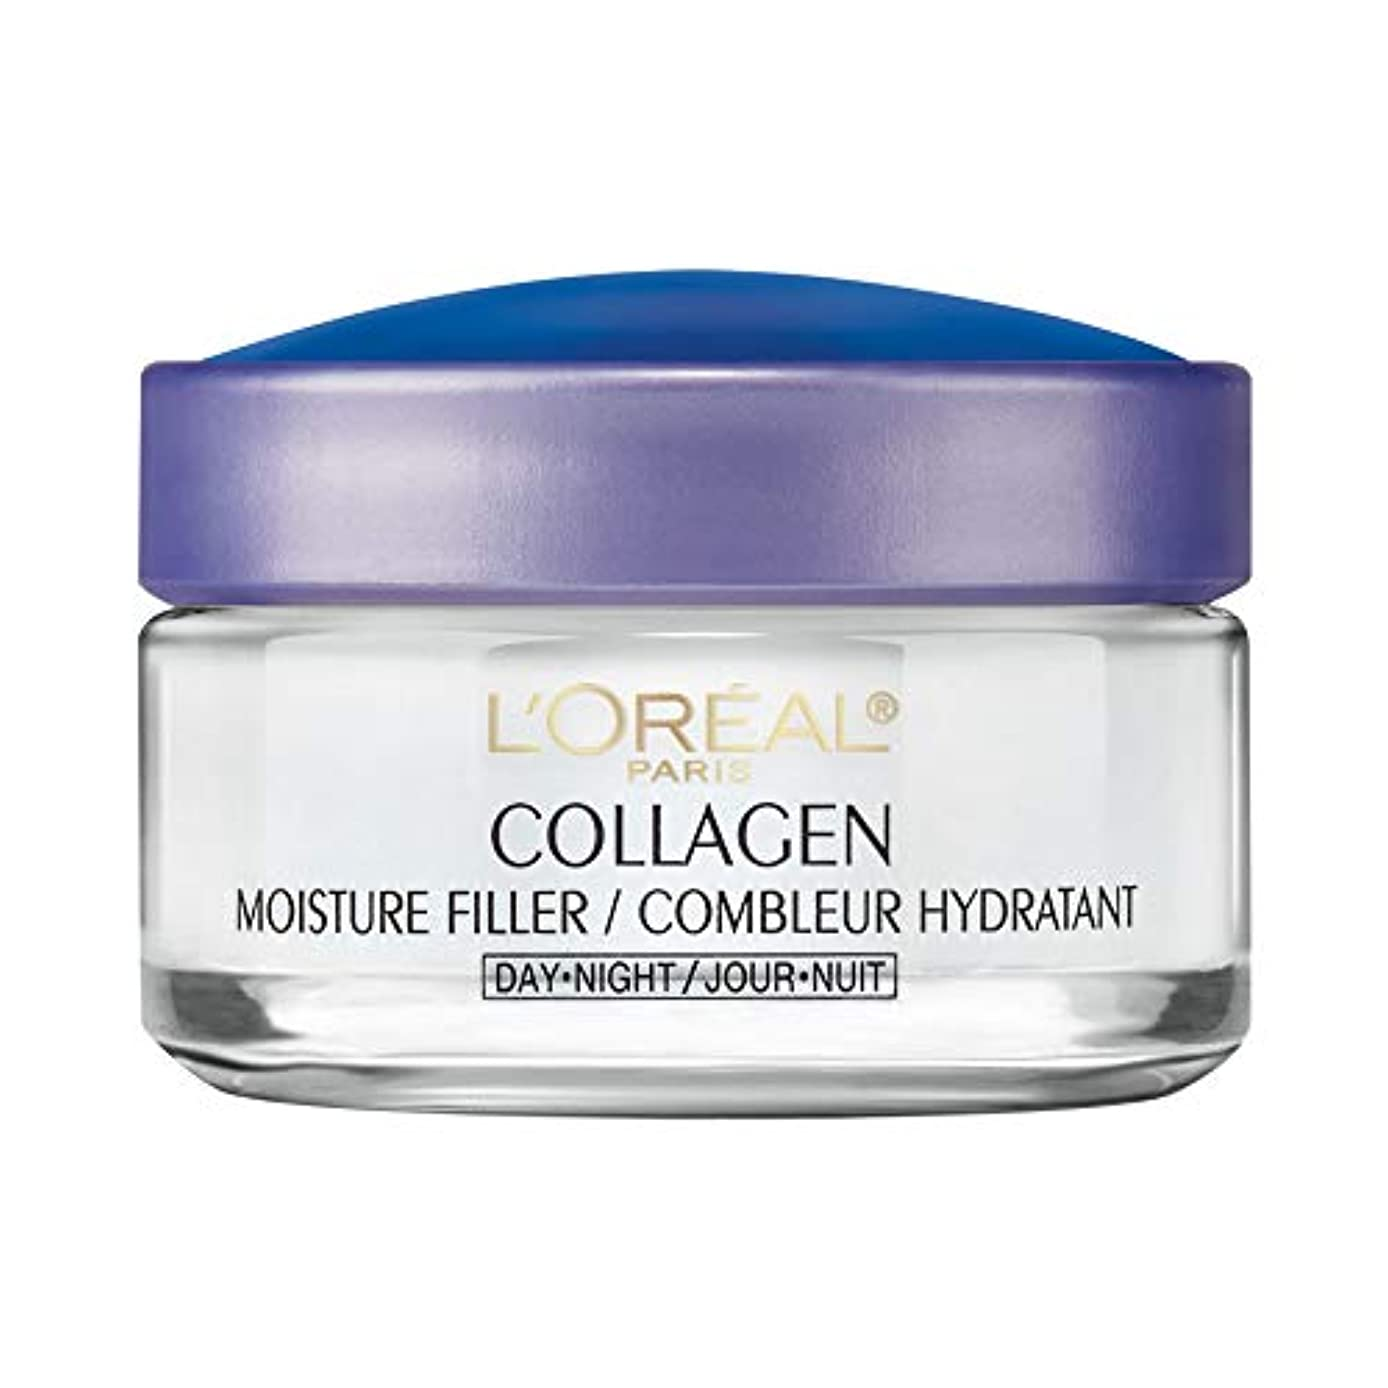 一回霧深い茎L'Oreal ロレアルパリ天然コラーゲンモイスチャー昼 夜用クリーム 48g  並行輸入品